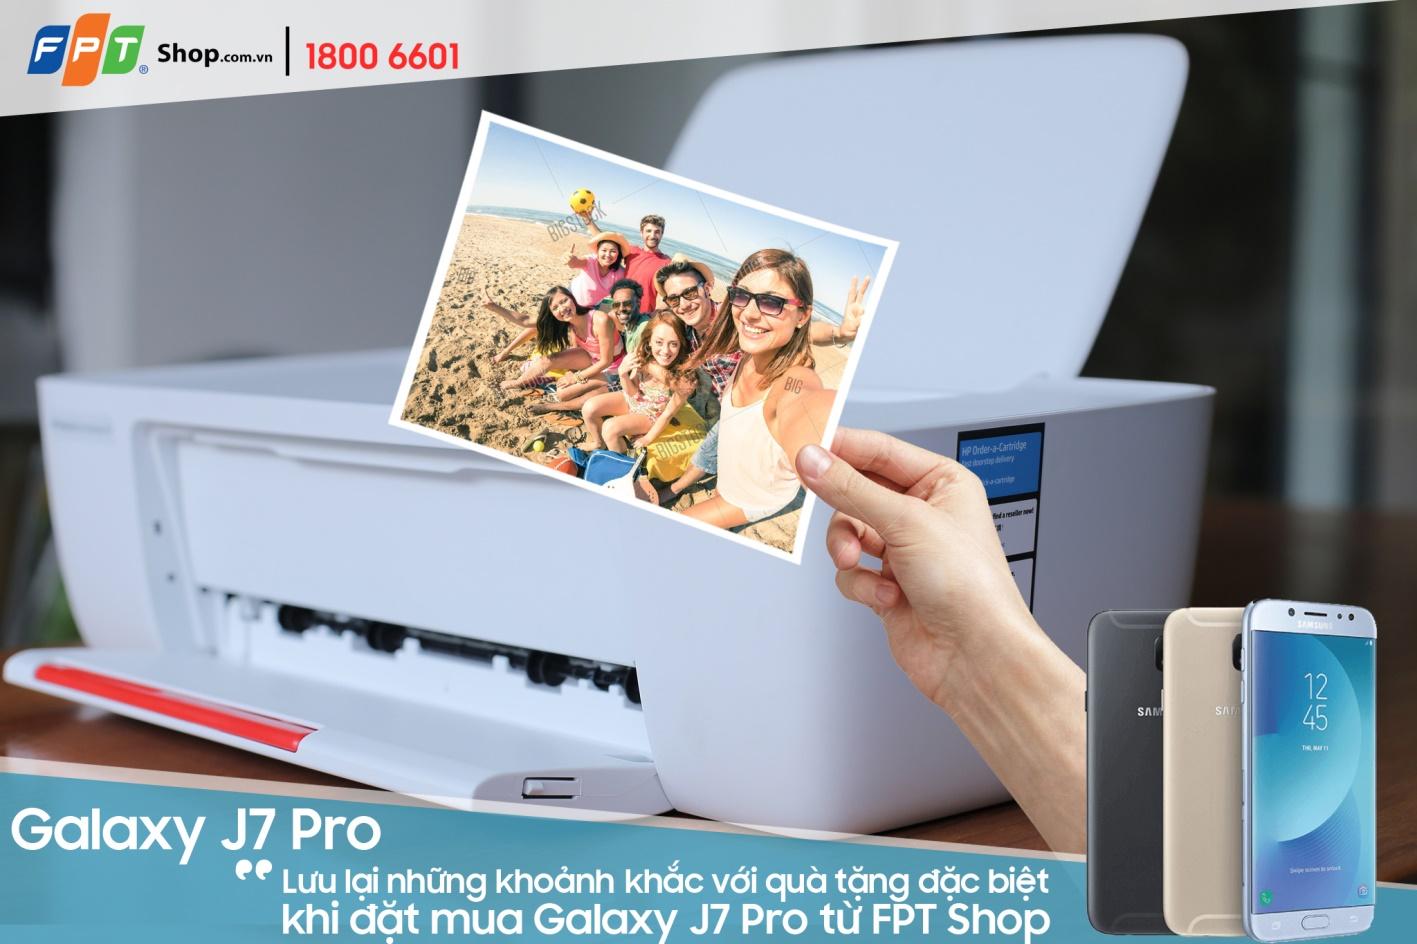 Đặt mua Galaxy J7 Pro tại FPT Shop nhận ngay máy in màu hàng hiệu HP hoành tráng